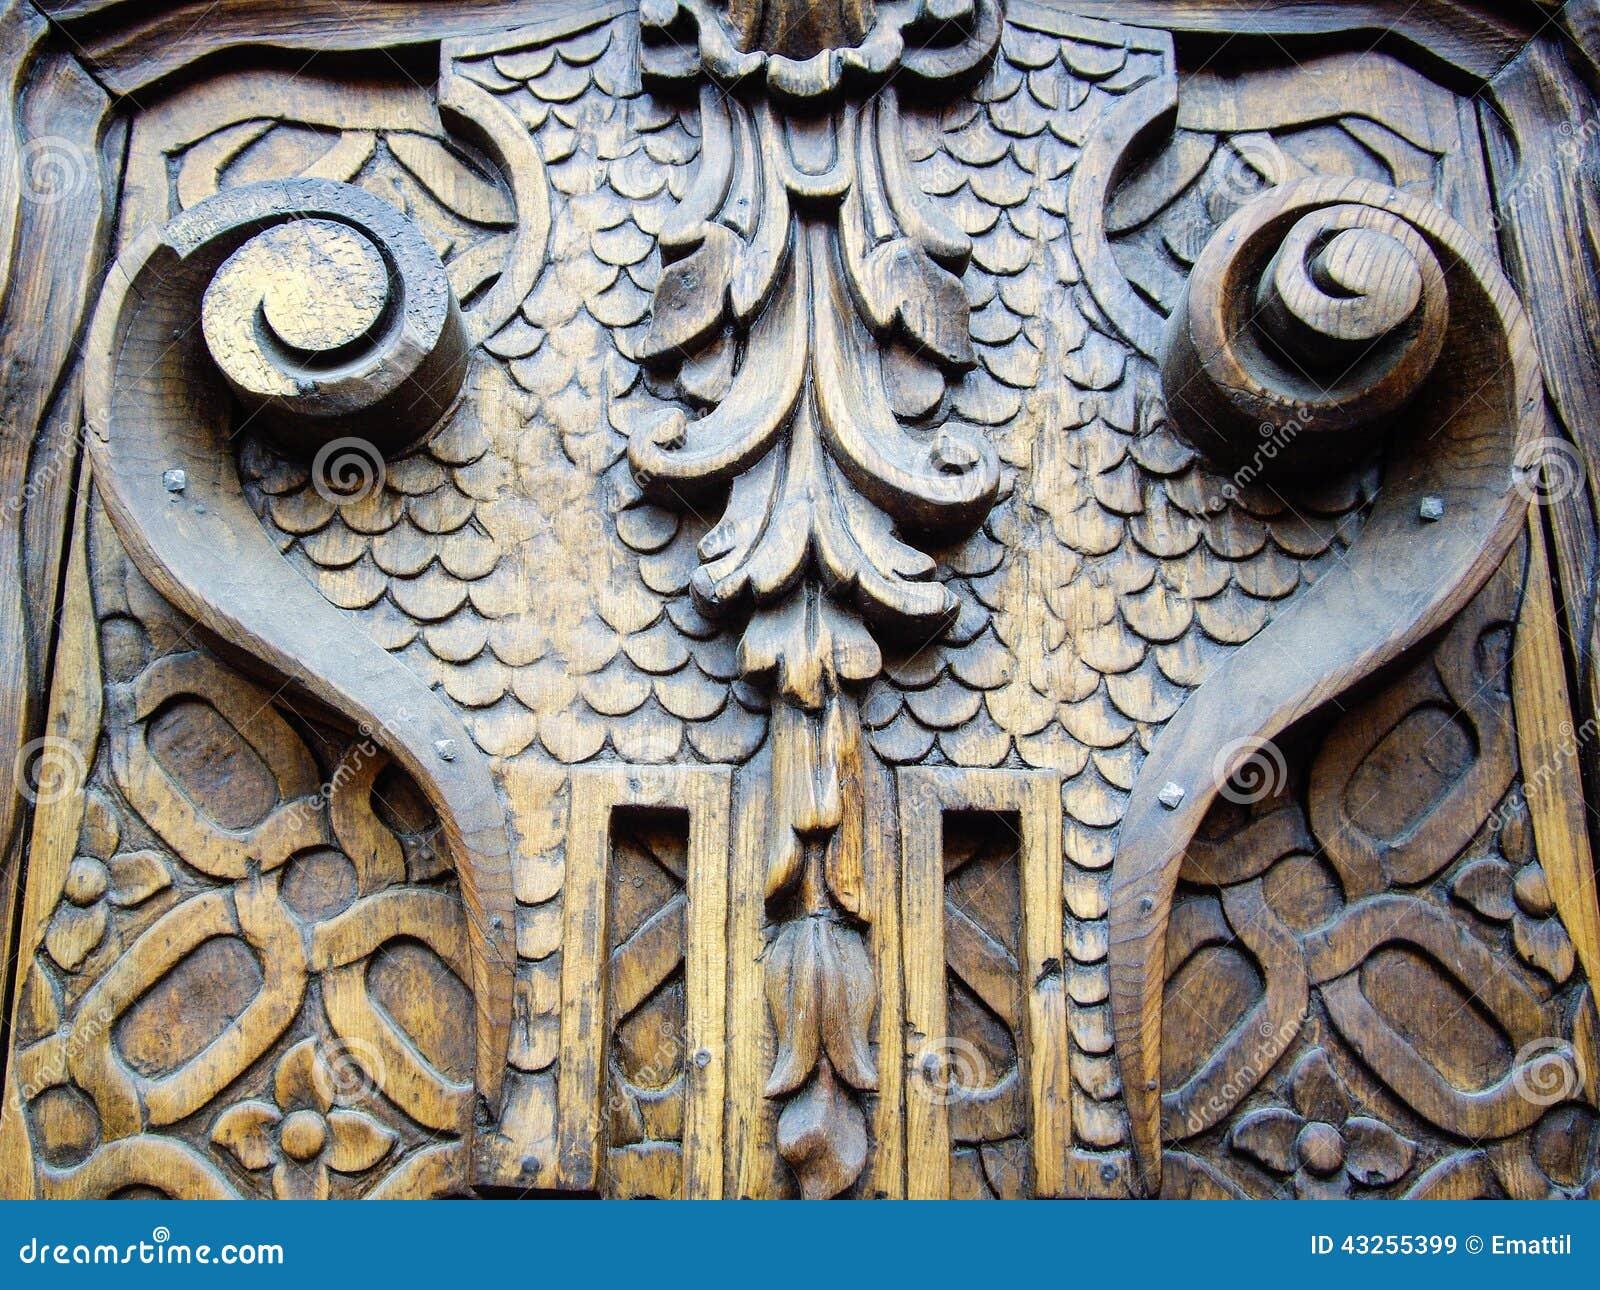 Puerta de madera tallada vieja imagen de archivo imagen for Puerta vieja madera